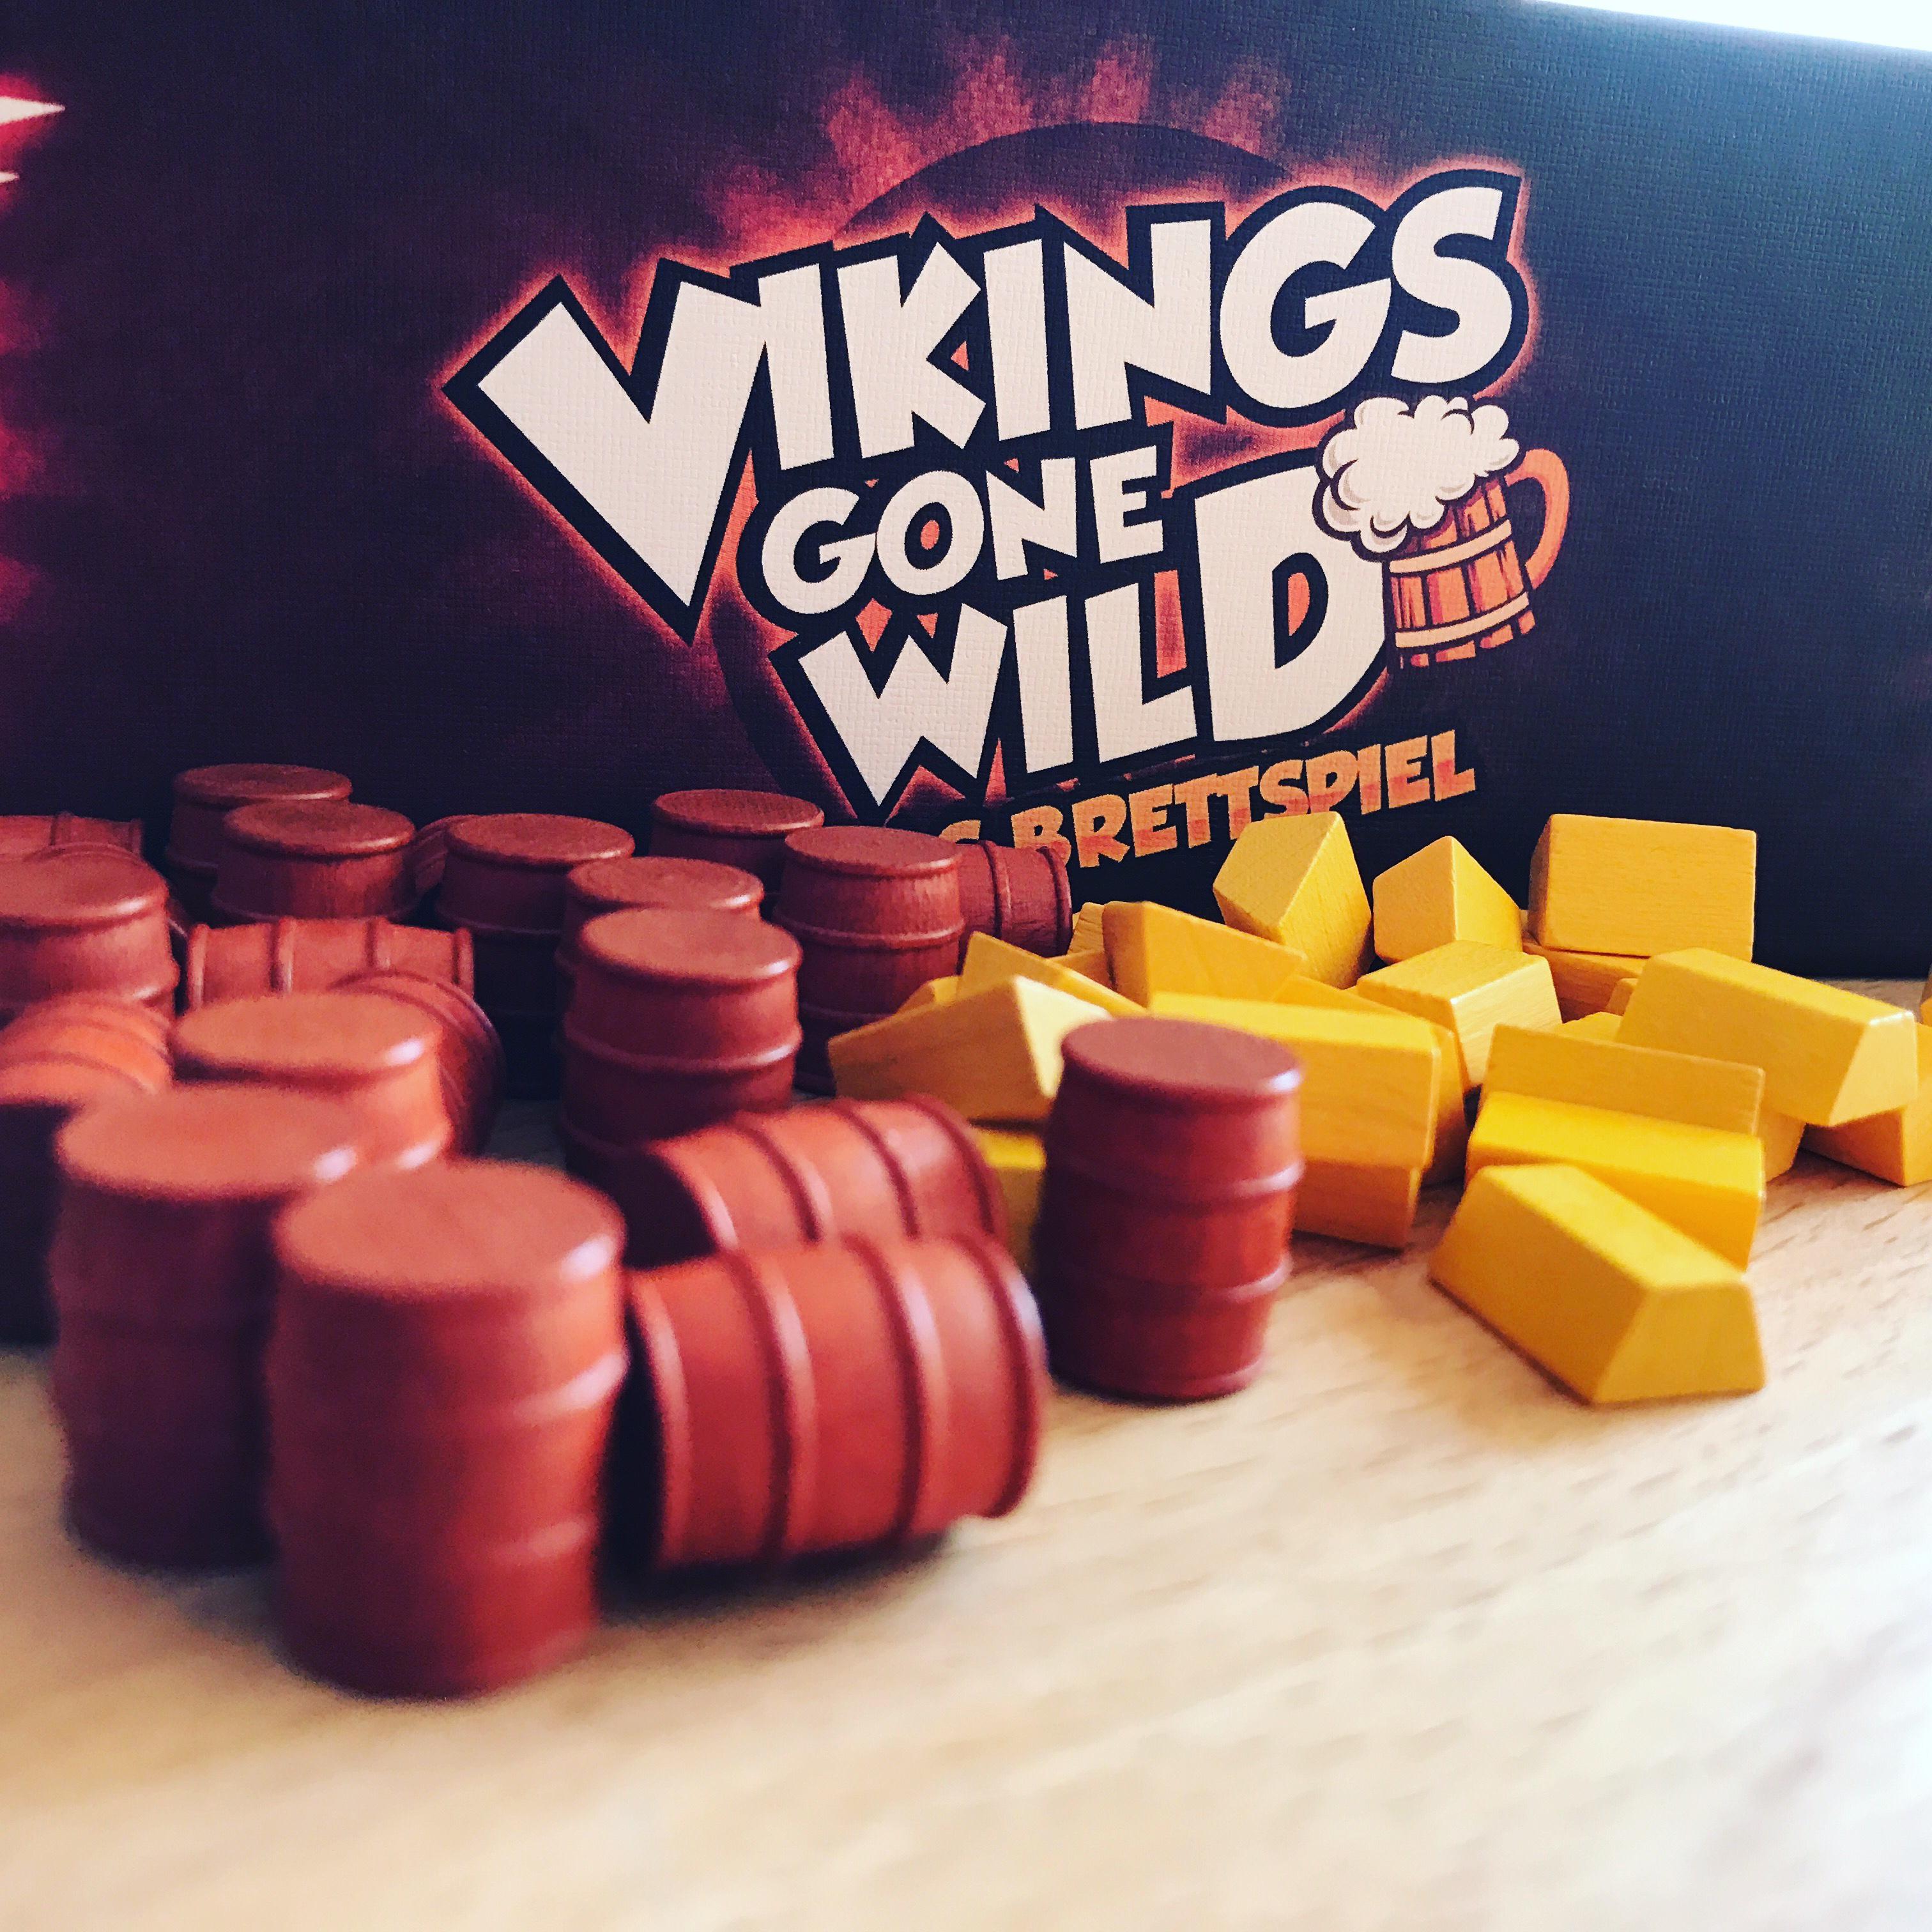 Bier und Gold - die beiden Währungen von Vikings Gone Wild